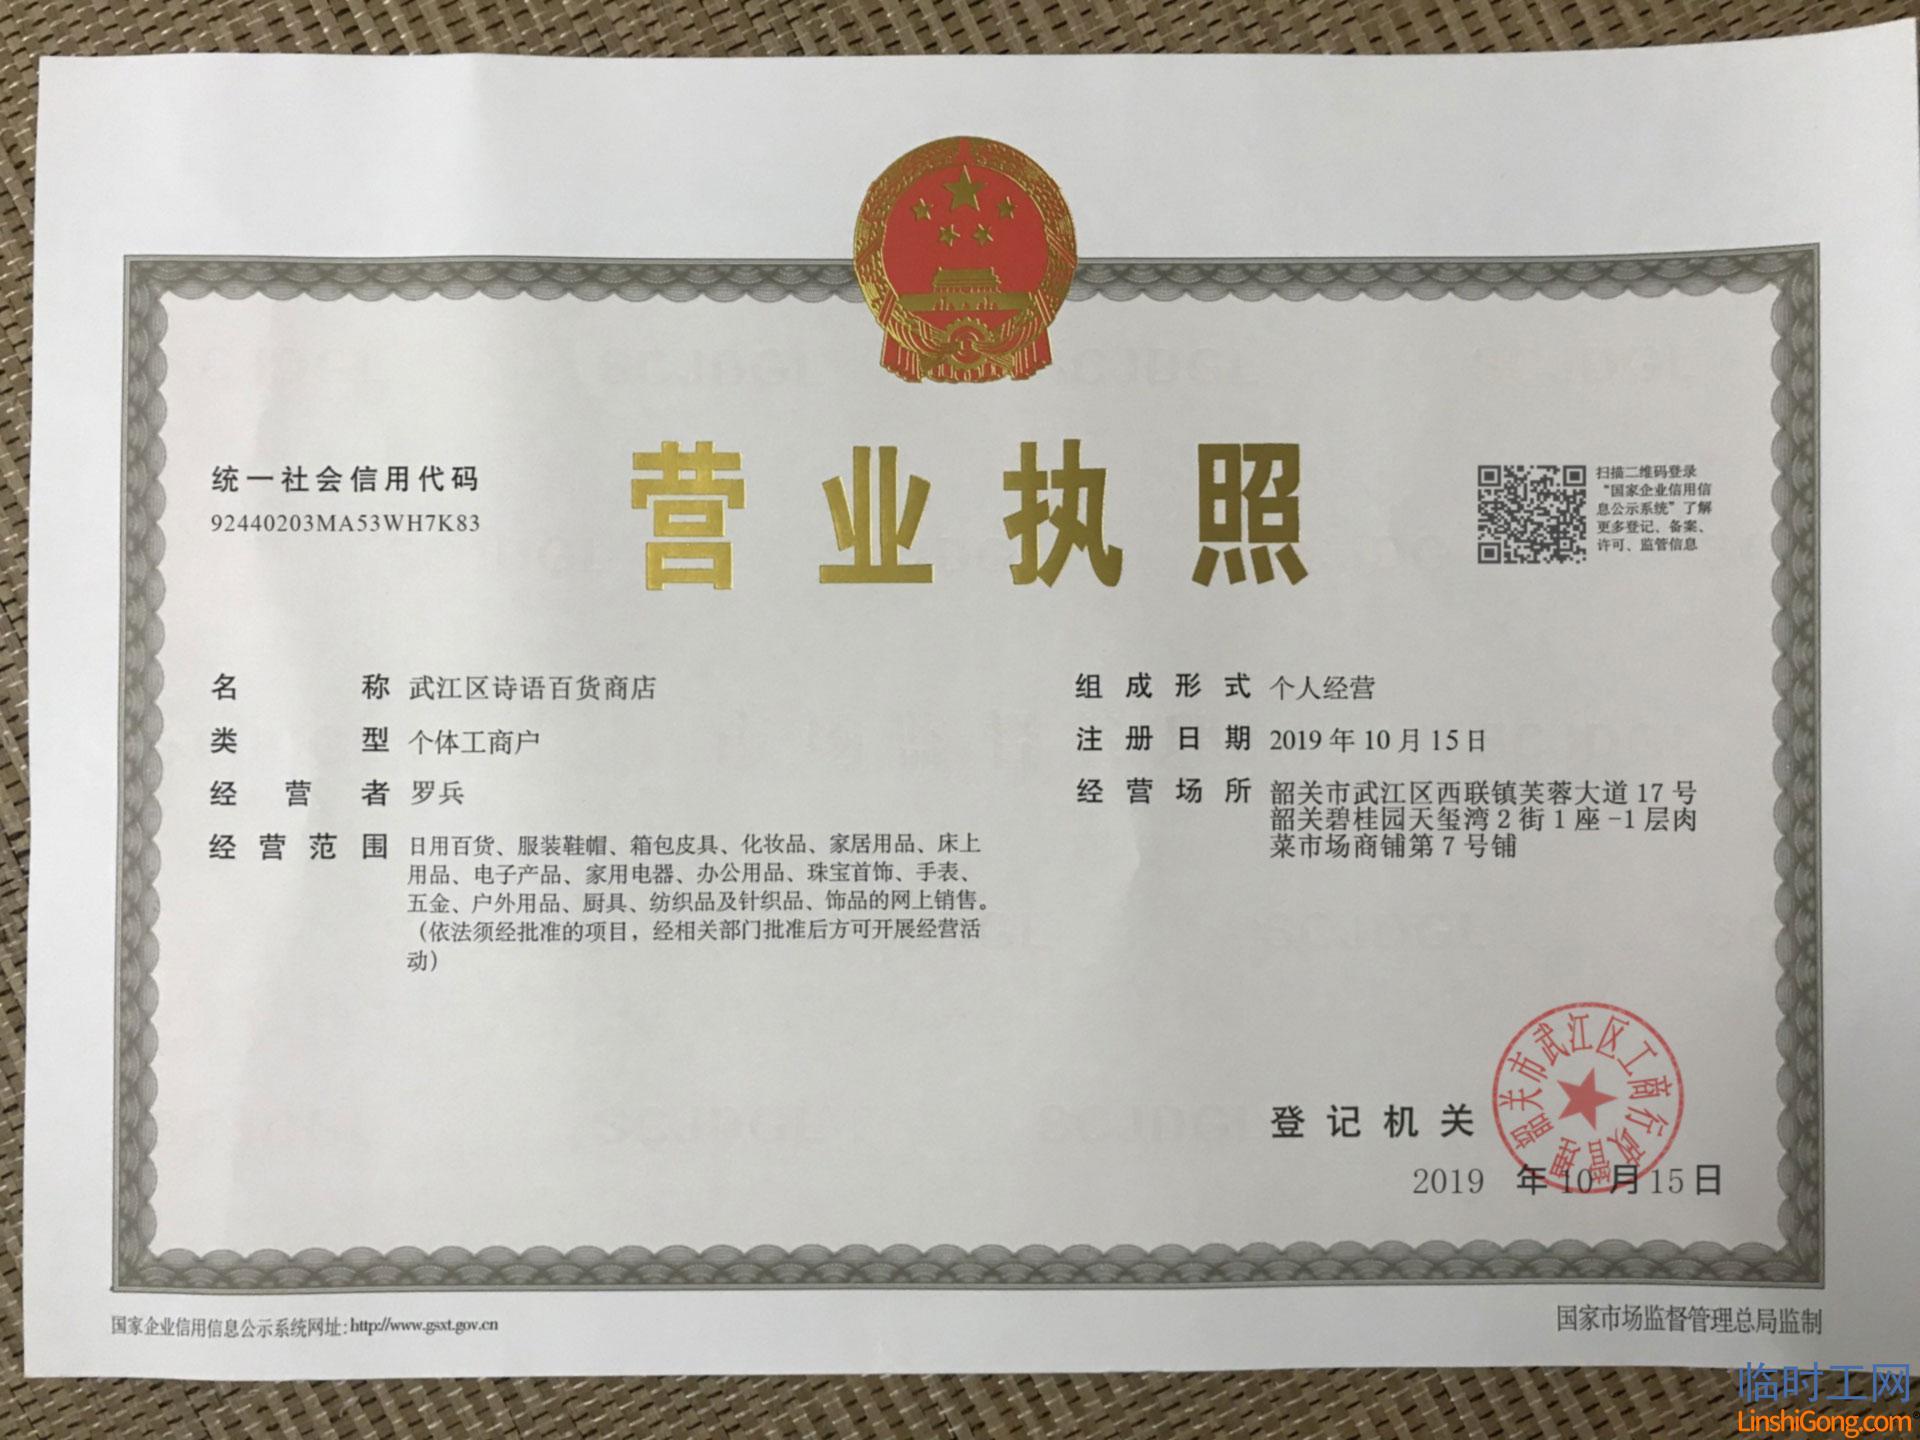 武江区诗语百货商店